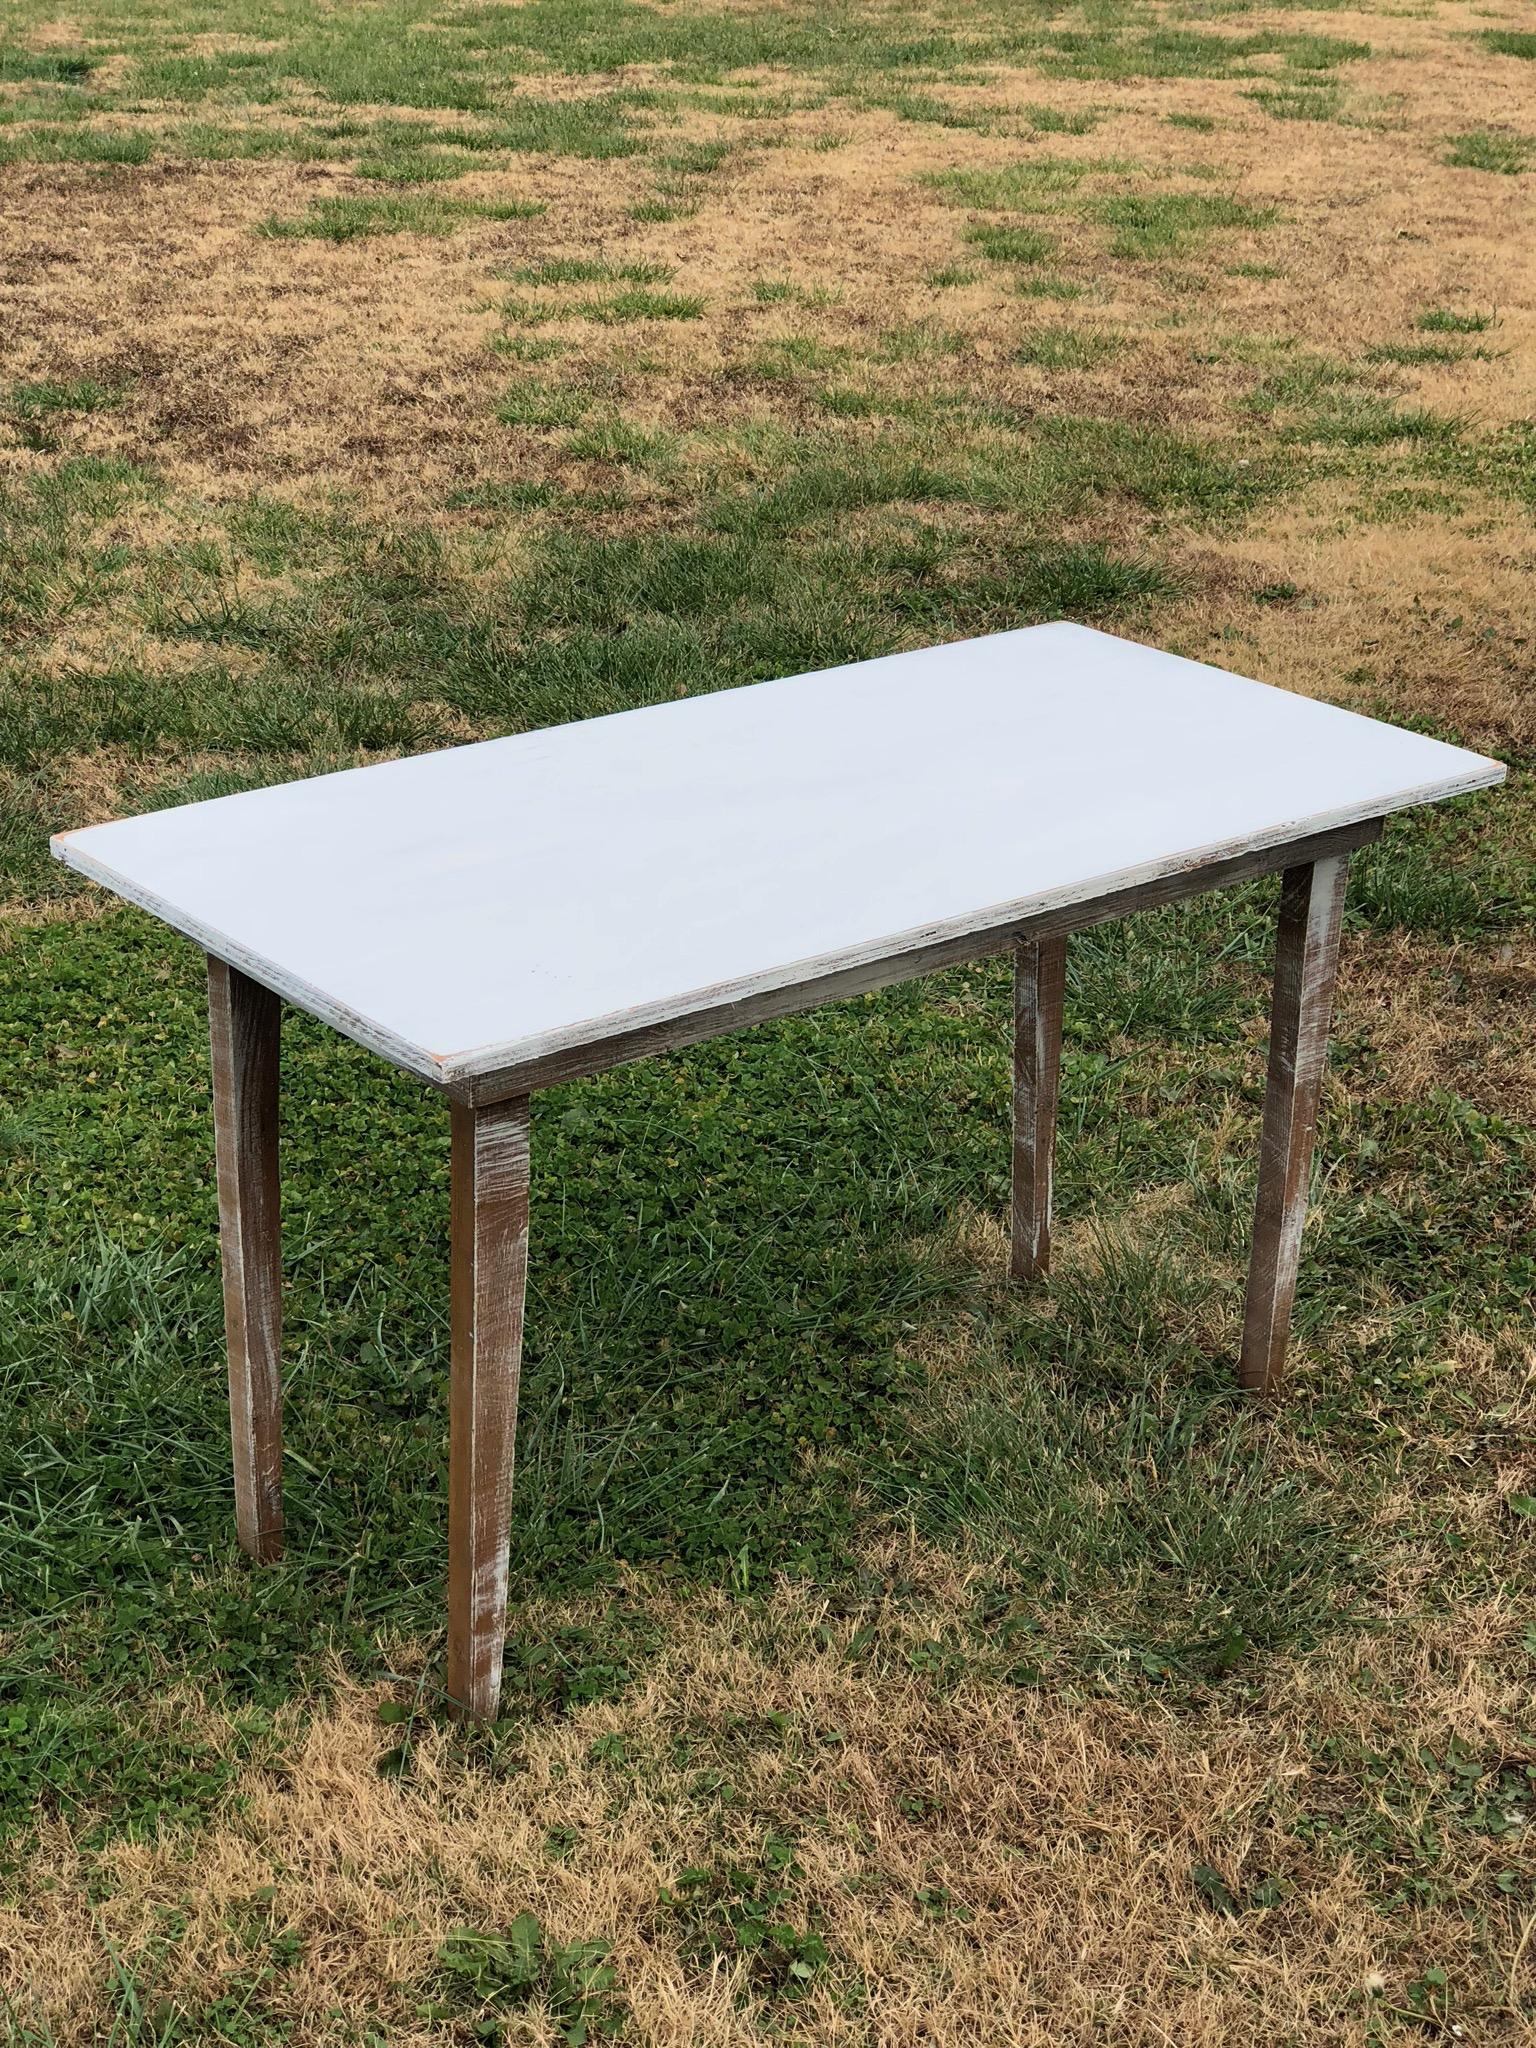 Rustic Wood Table~Rental $25